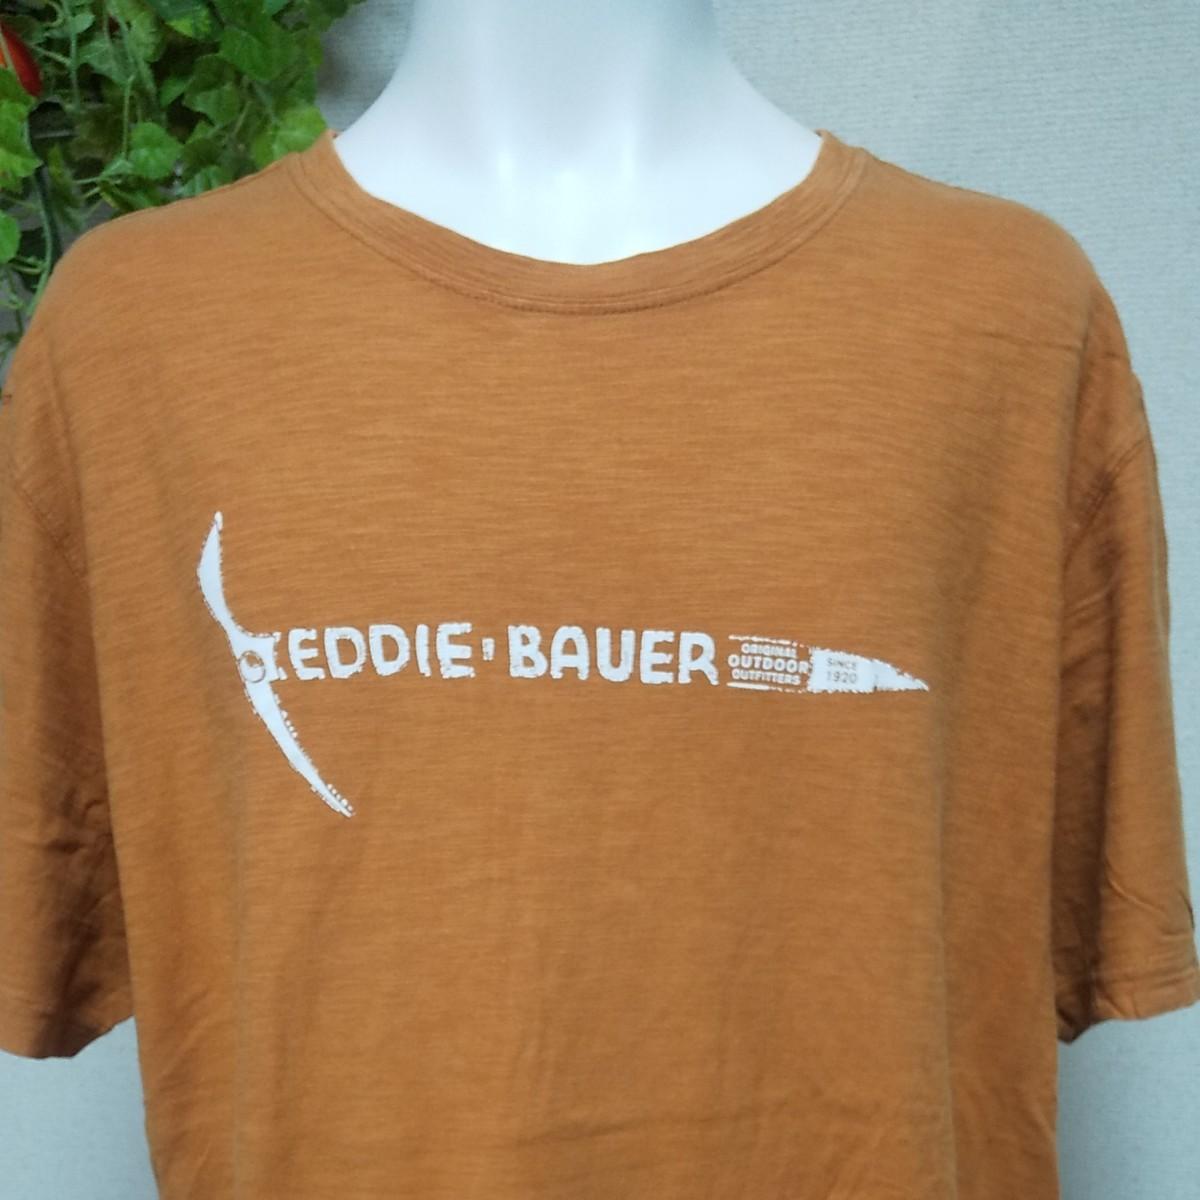 エディーバウアー半袖TシャツXL/2XL オレンジ 横方向に掠れた風合いがおしゃれな生地 EDDIE BAUER OUTDOOR